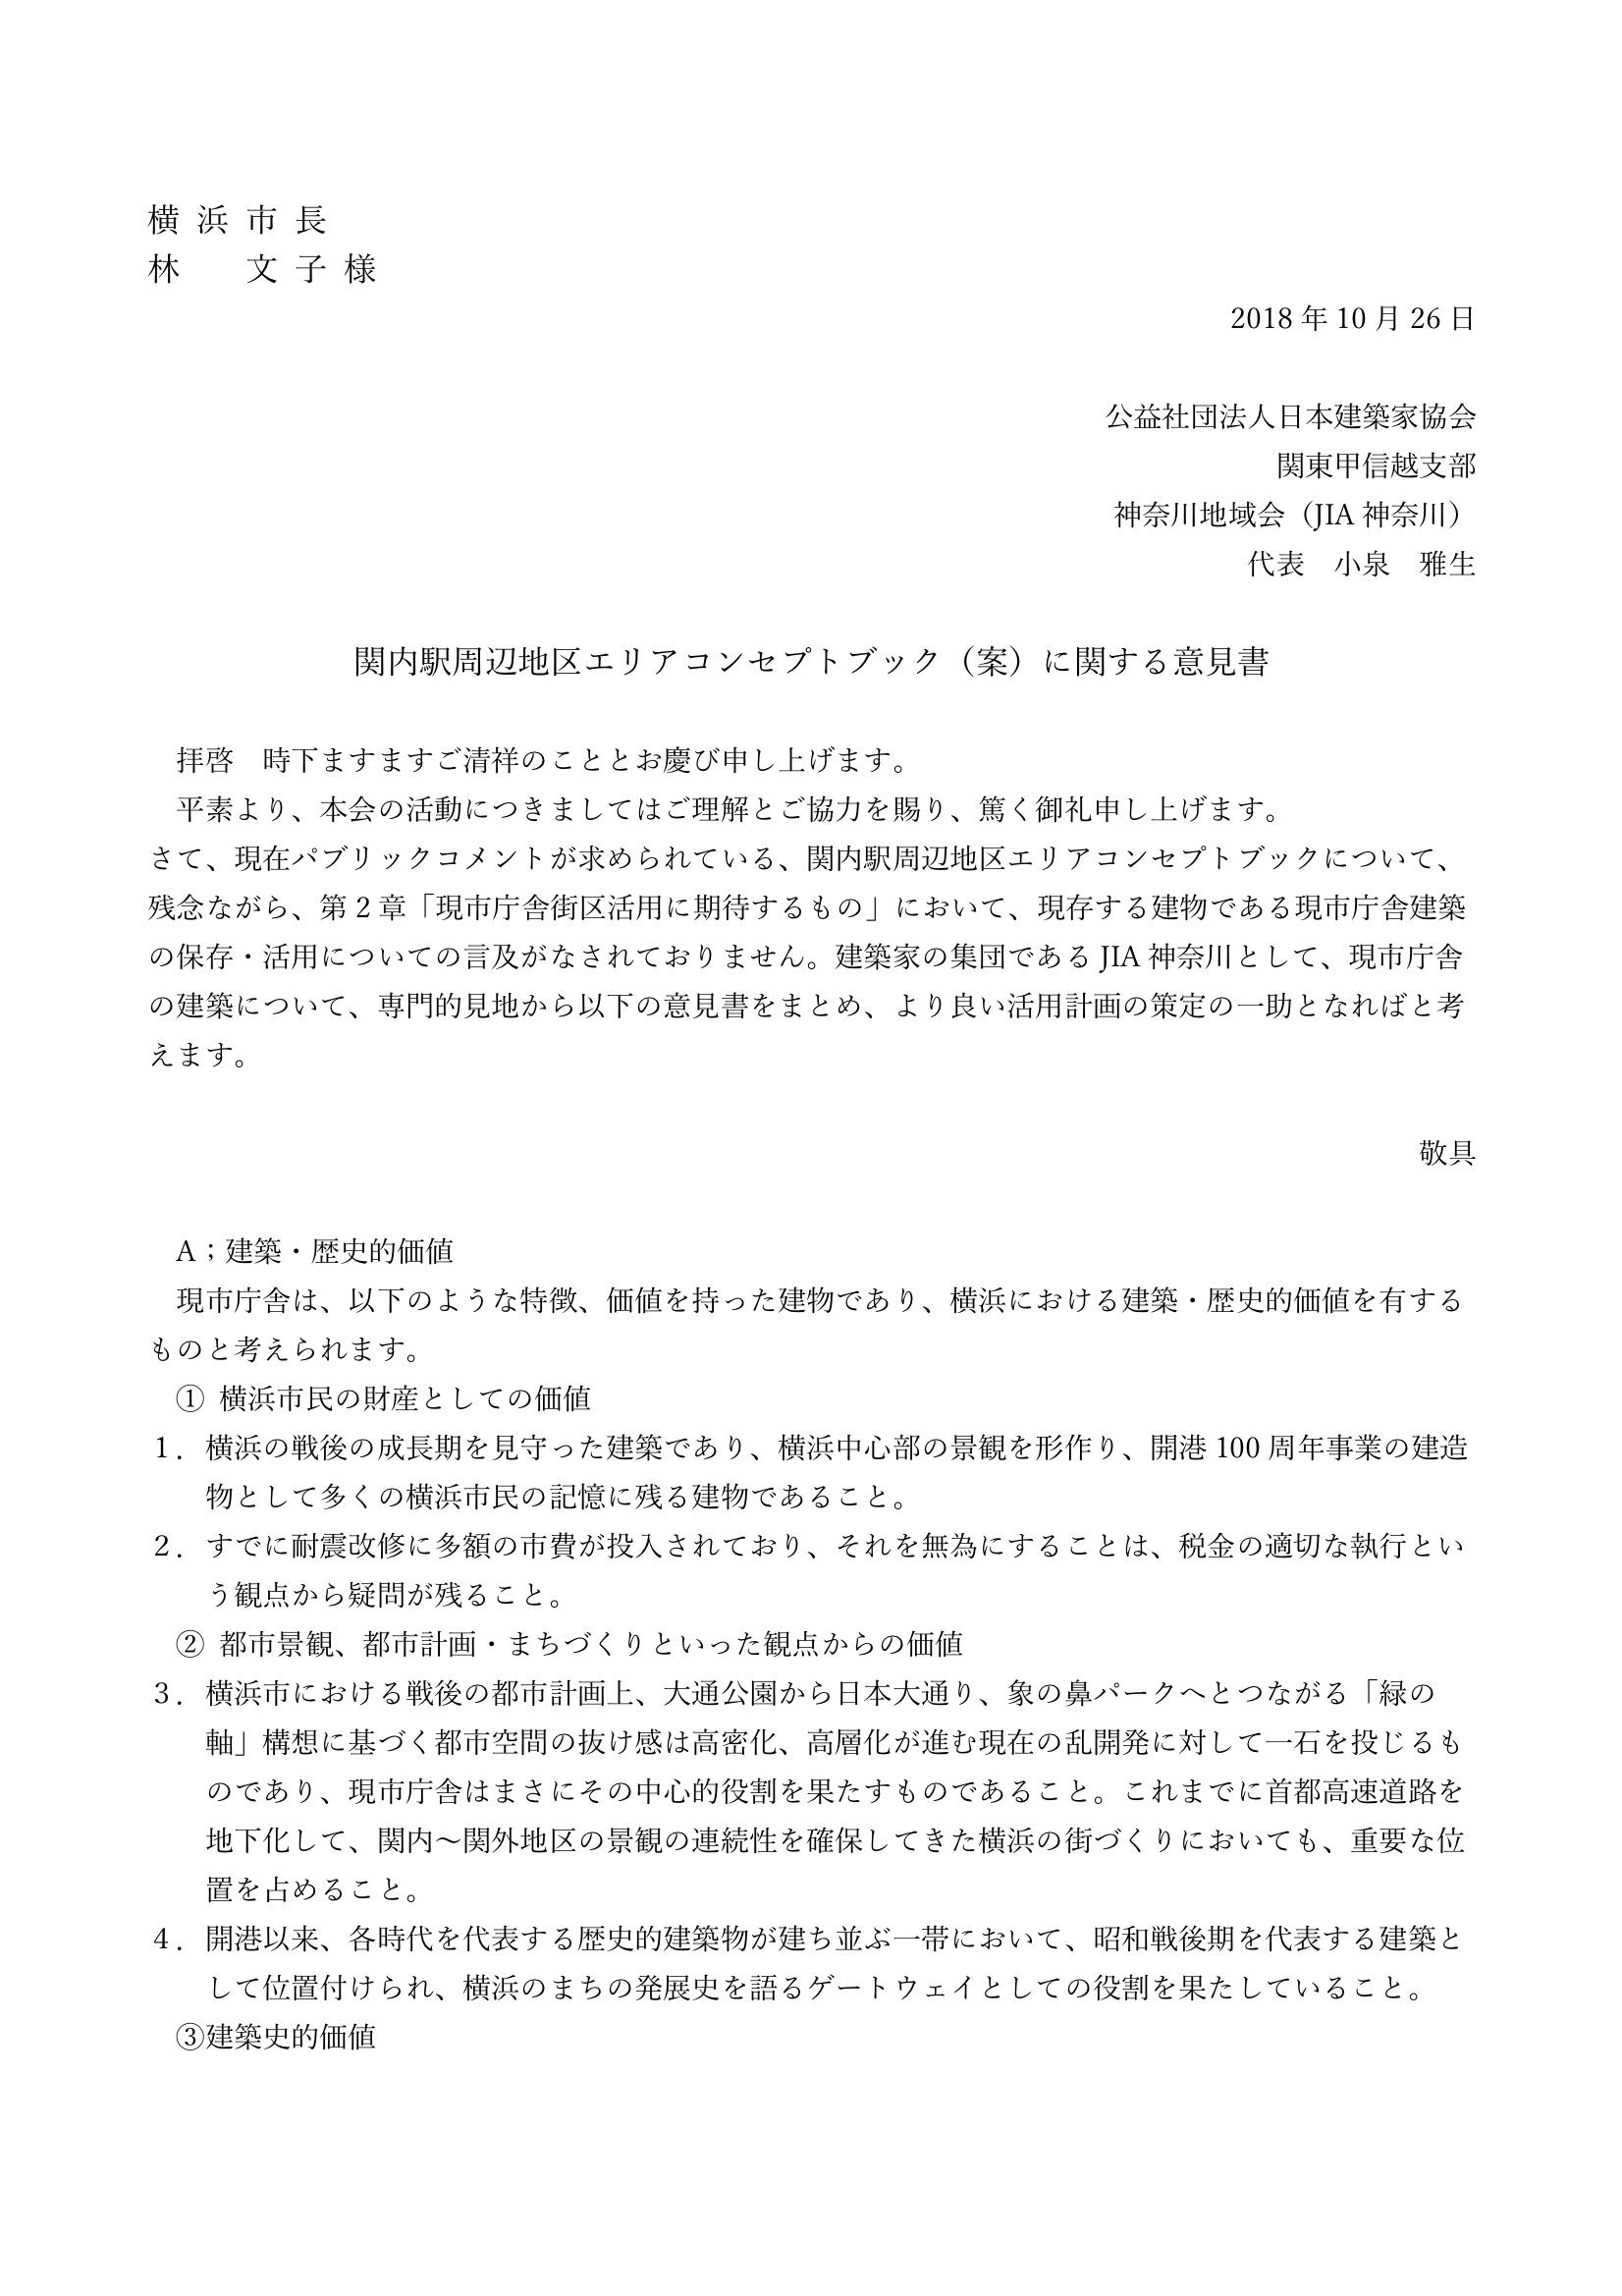 関内駅周辺地区エリアコンセプトブック(案)に関する意見書